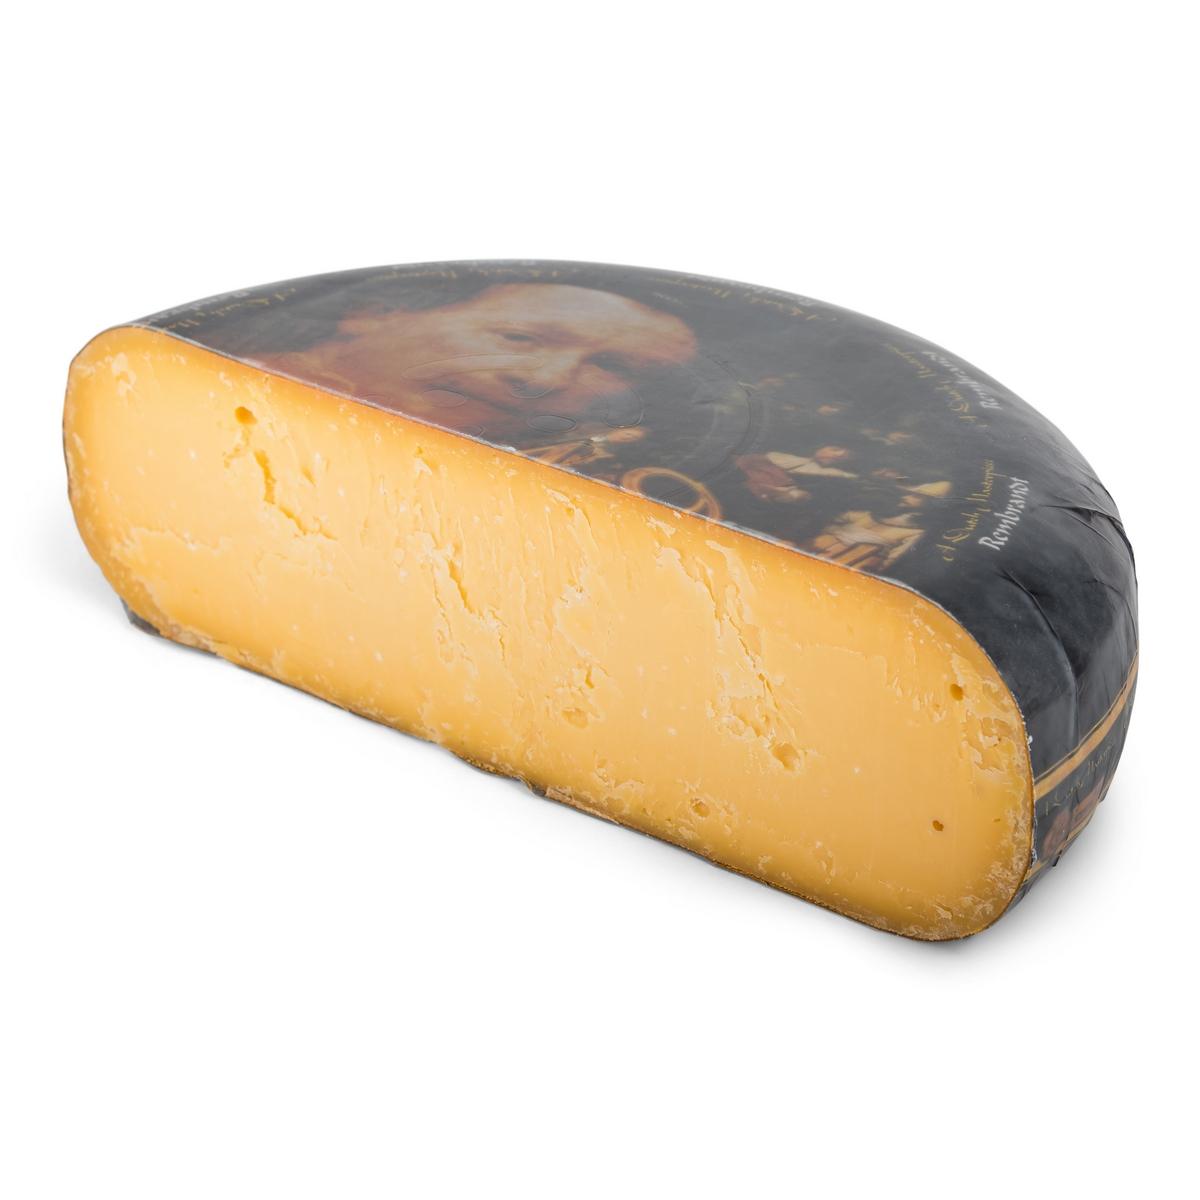 Alter Käse (Reifezeit von 10 bis 12 Monate)